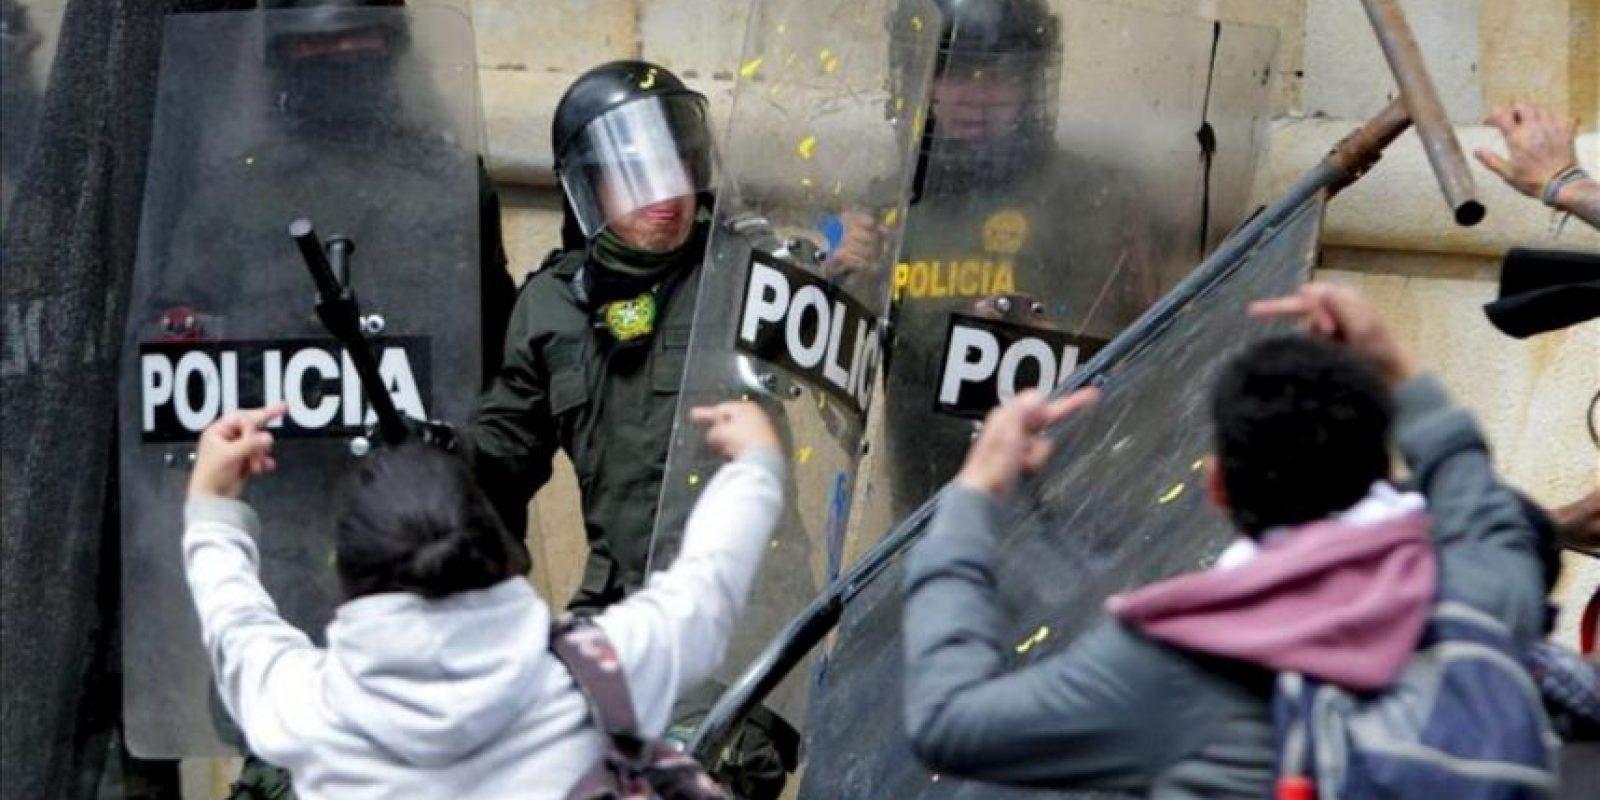 Un grupo de manifestantes se enfrenta a policías antidisturbios en Bogotá (Colombia). EFE